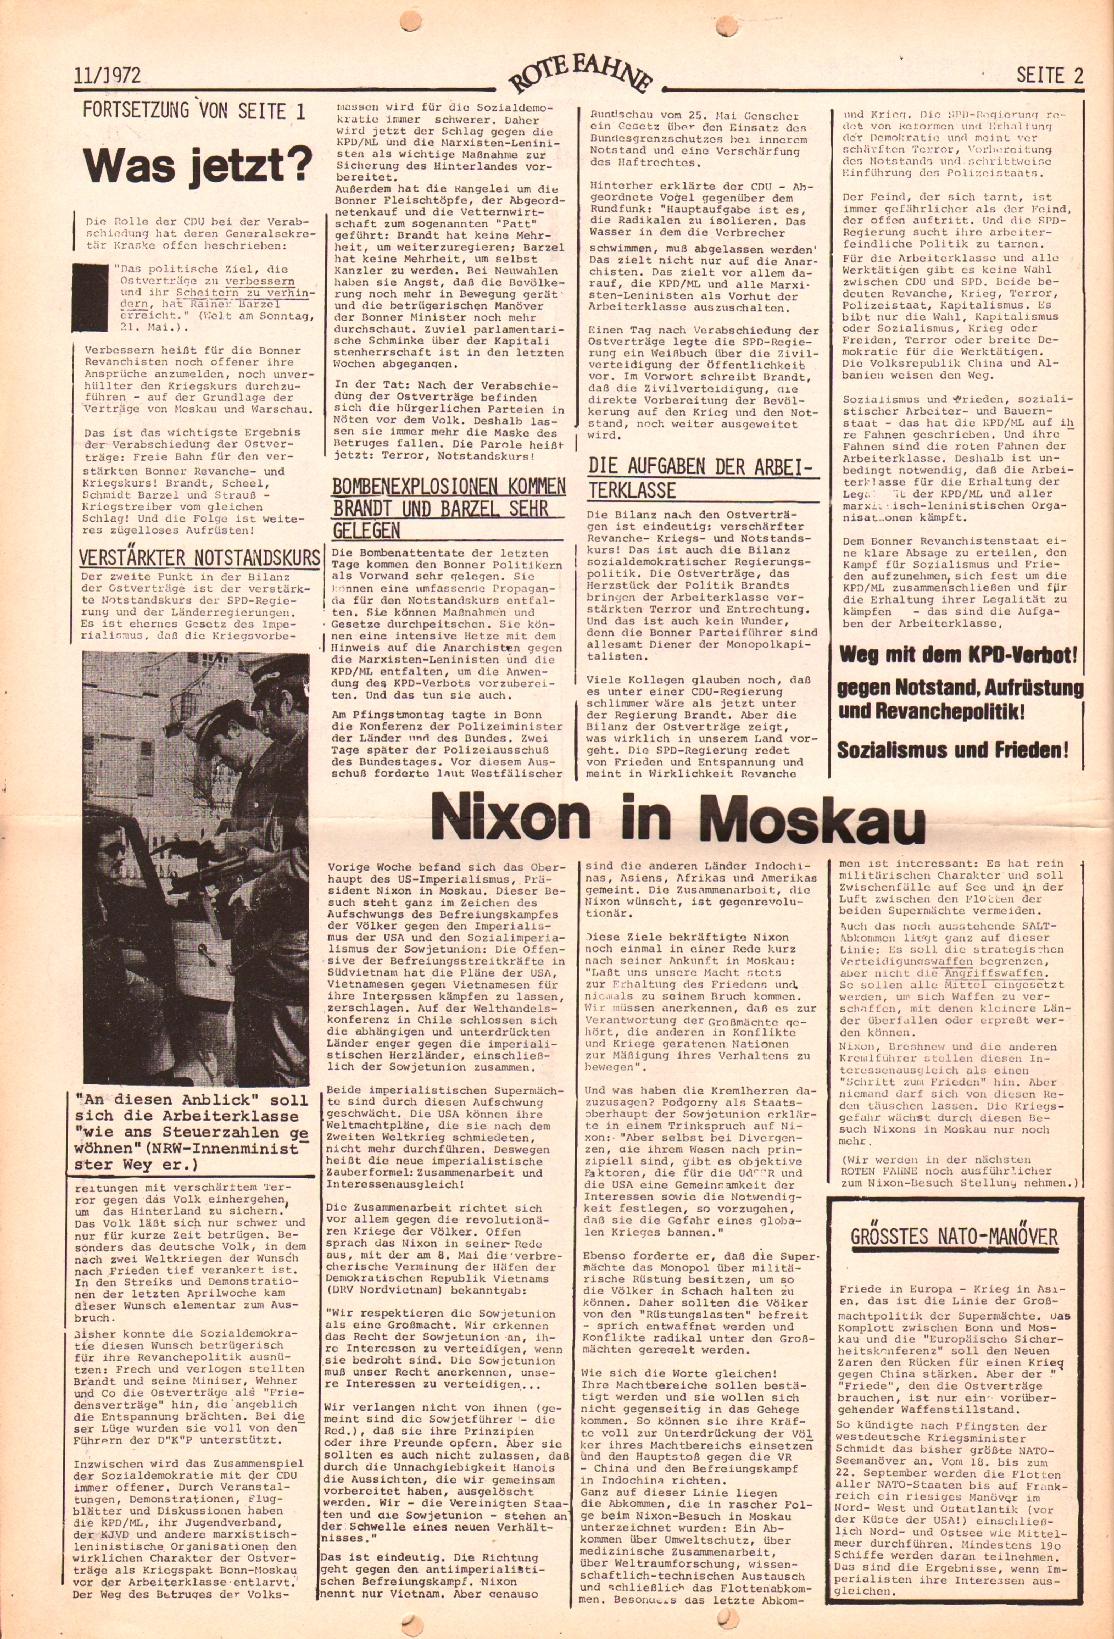 Rote Fahne, 3. Jg., 29.5.1972, Nr. 11, Seite 2